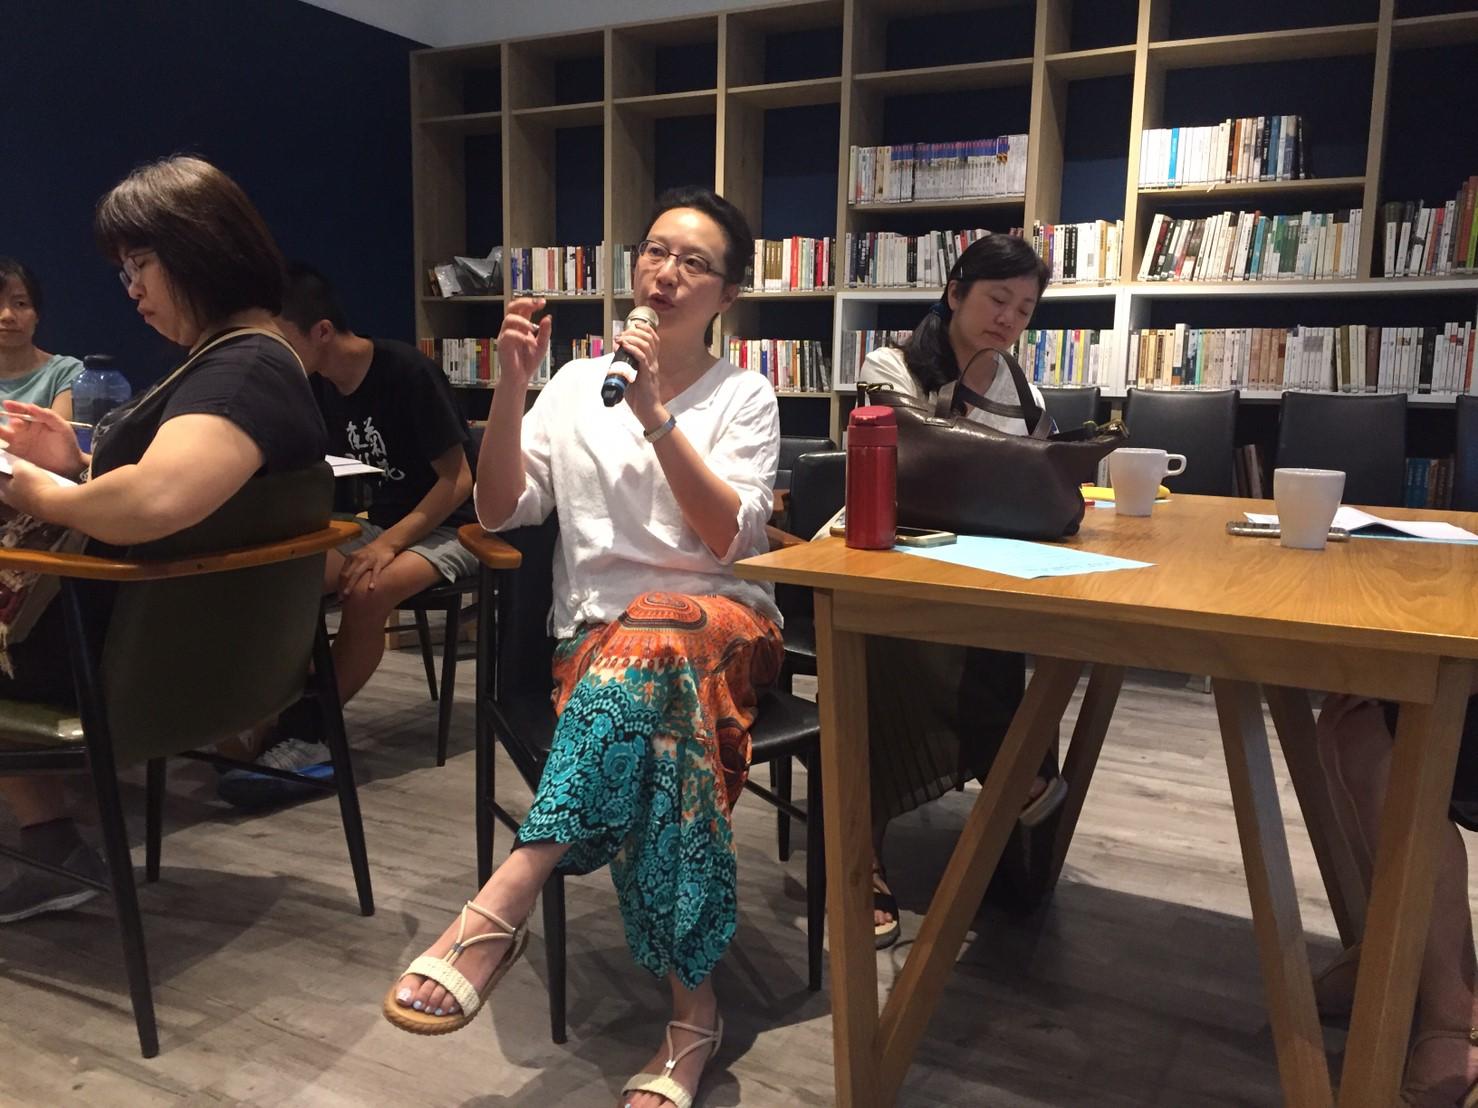 現場教師提問徐亞湘教授,其擔任審查委員的經驗,如何幫助申請補助案。